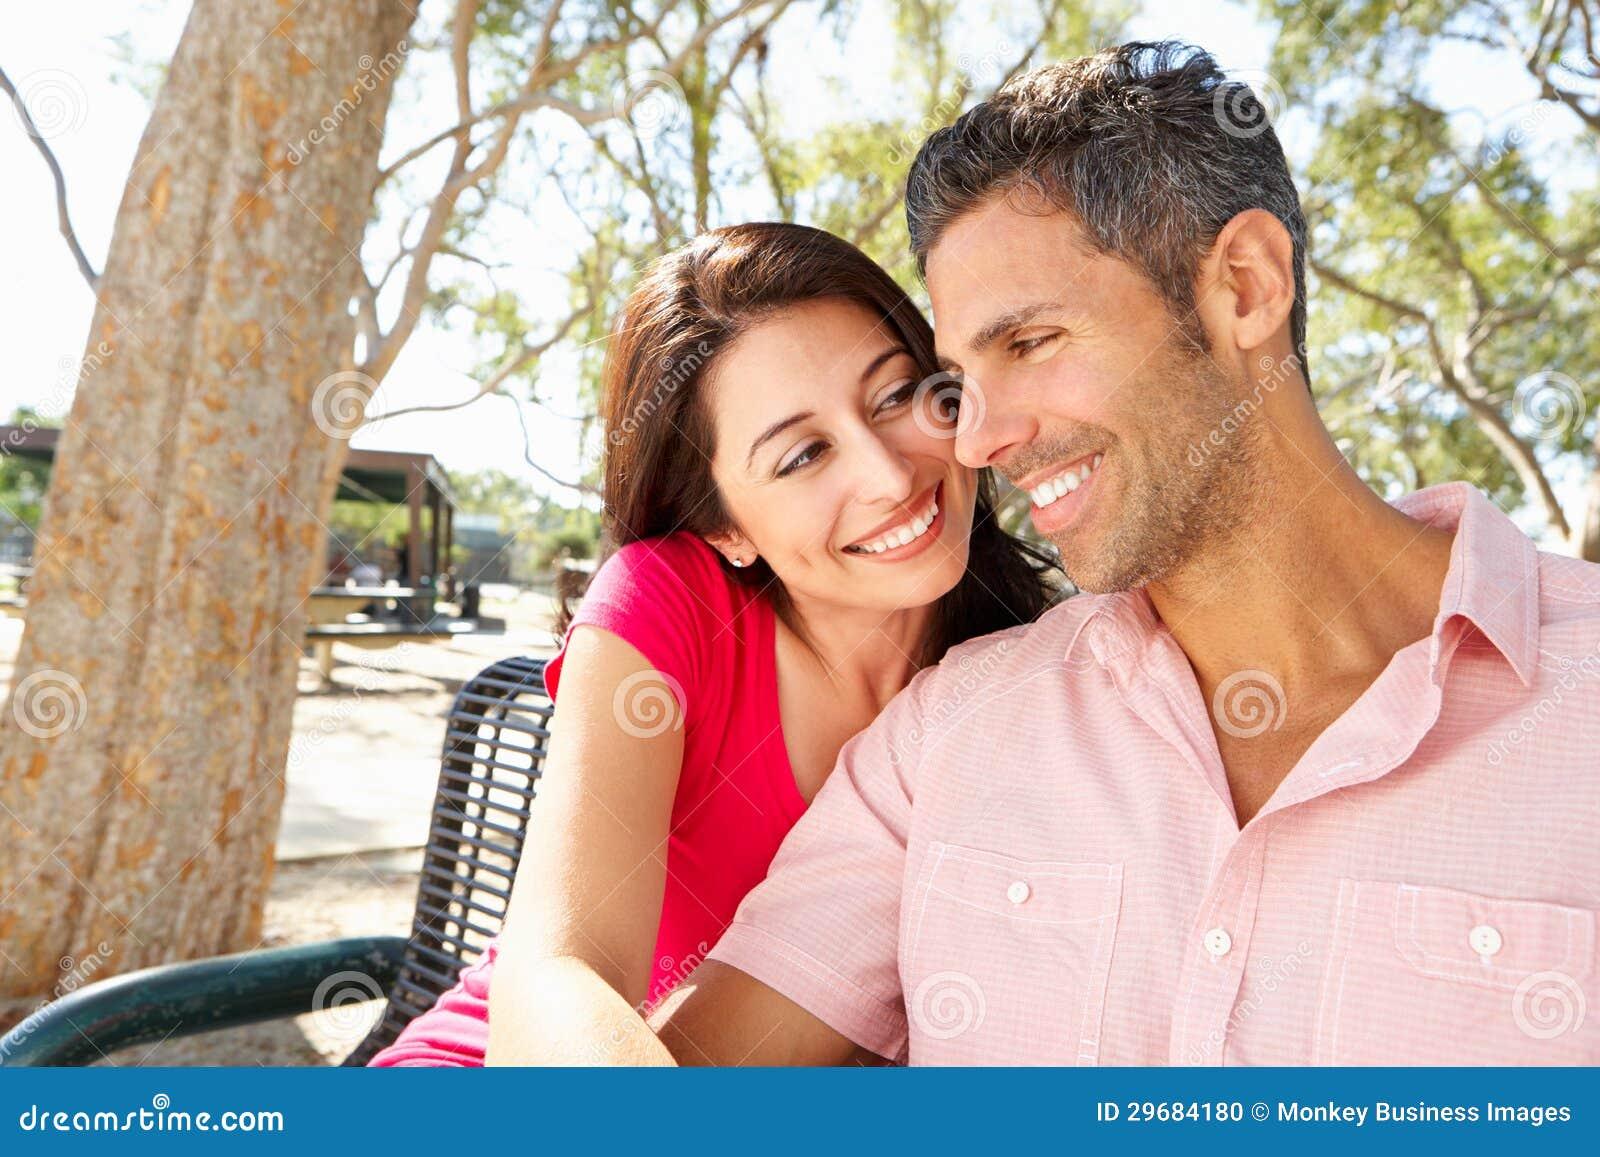 Izidudla dating